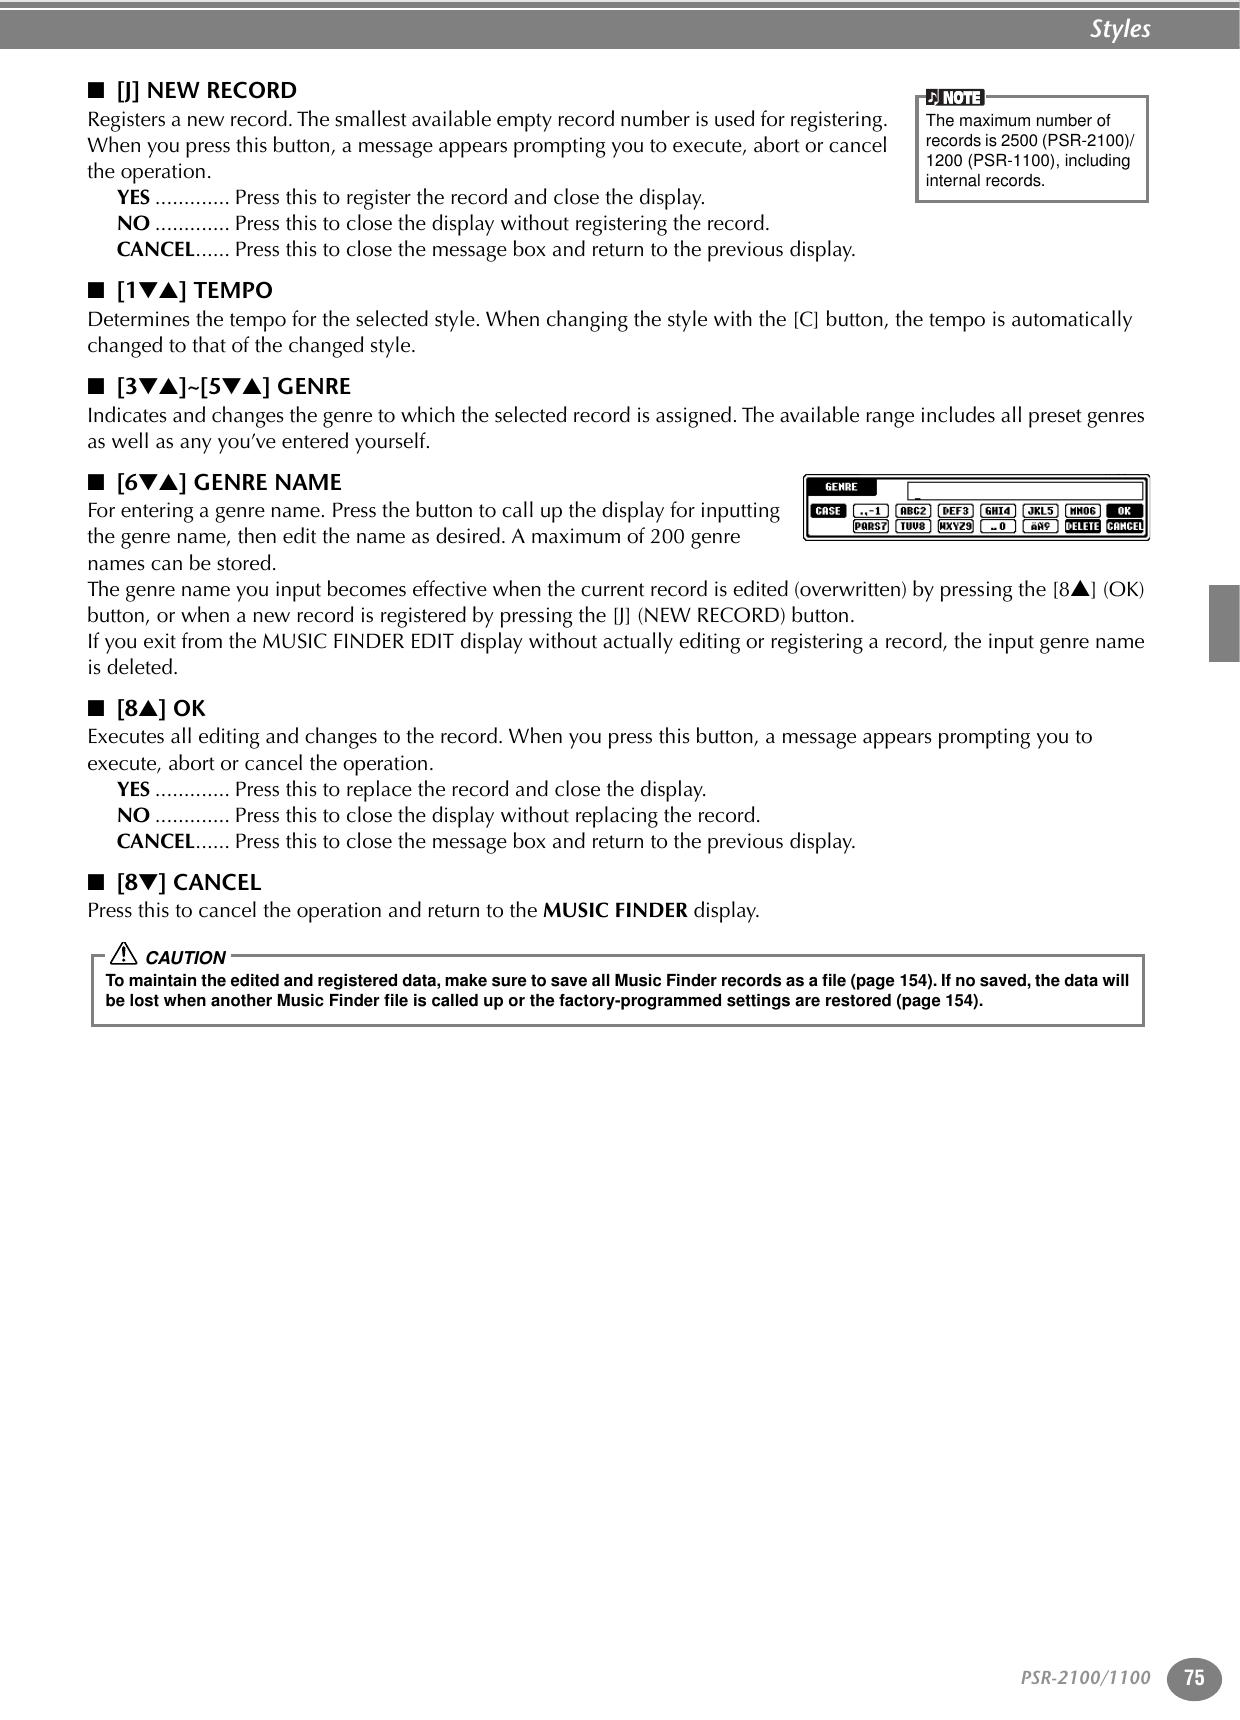 Yamaha 1100 Owners Manual PSR2100/1100_E